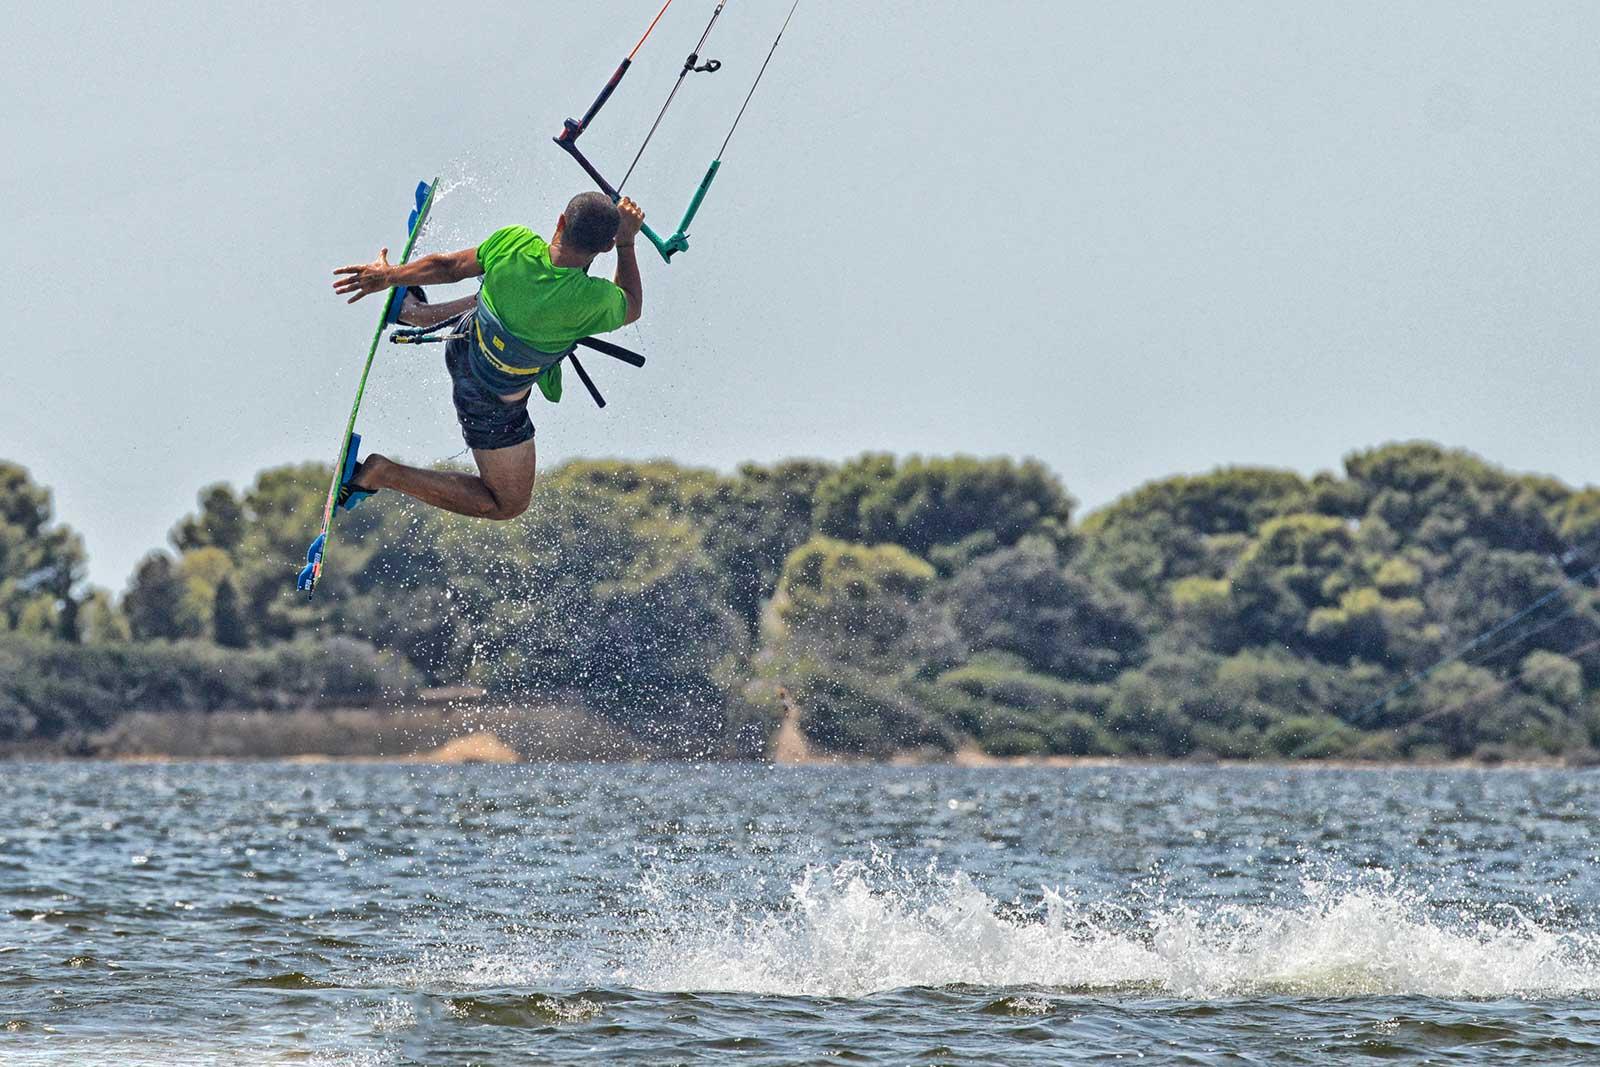 Stagnone-laguna-kite-surf-italia-02